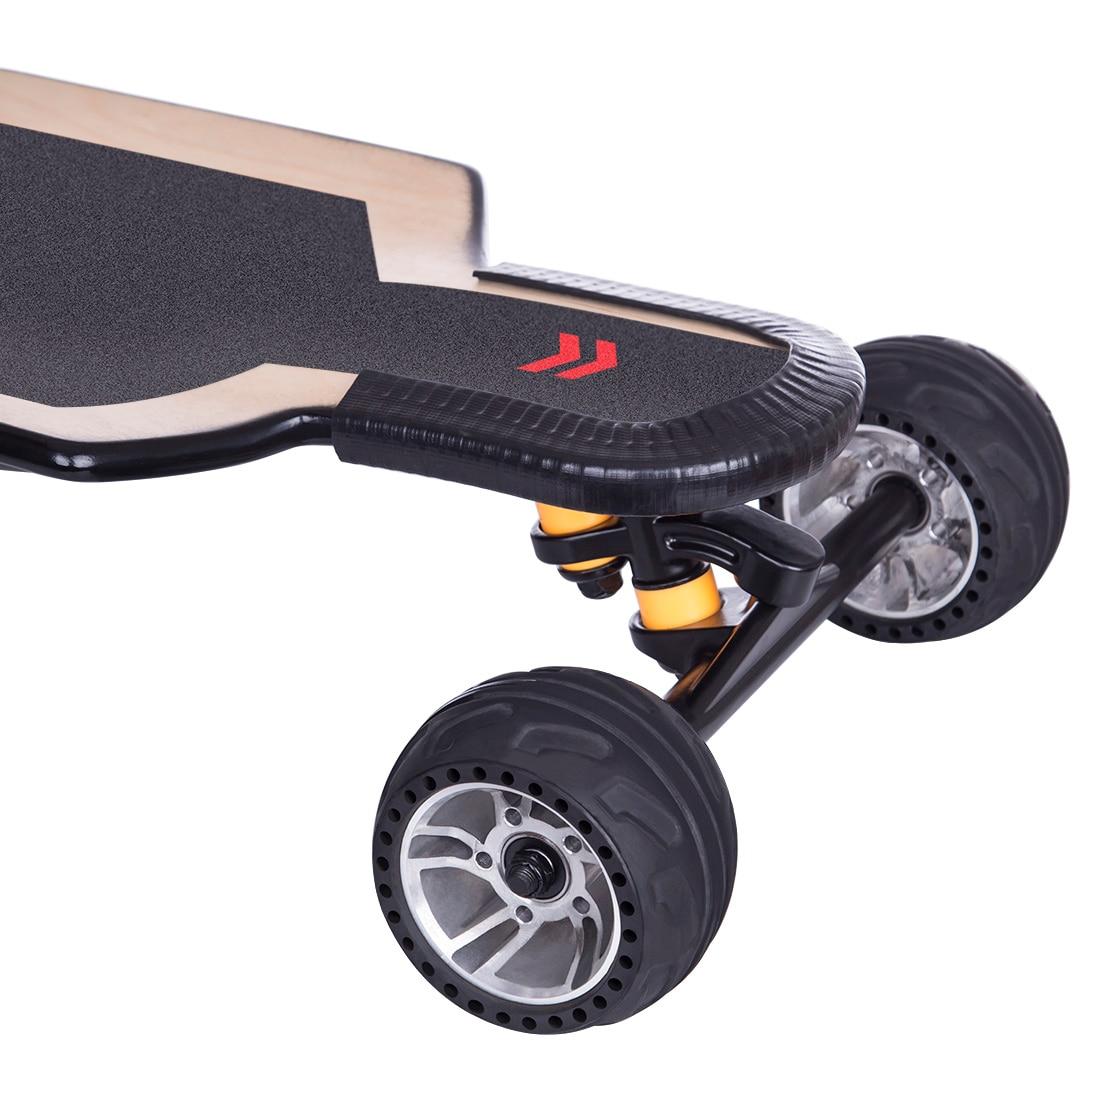 BRT-02 4-колесный электрический скейтборд - AU% 2FUK% 2FEU% 2FUS Plug